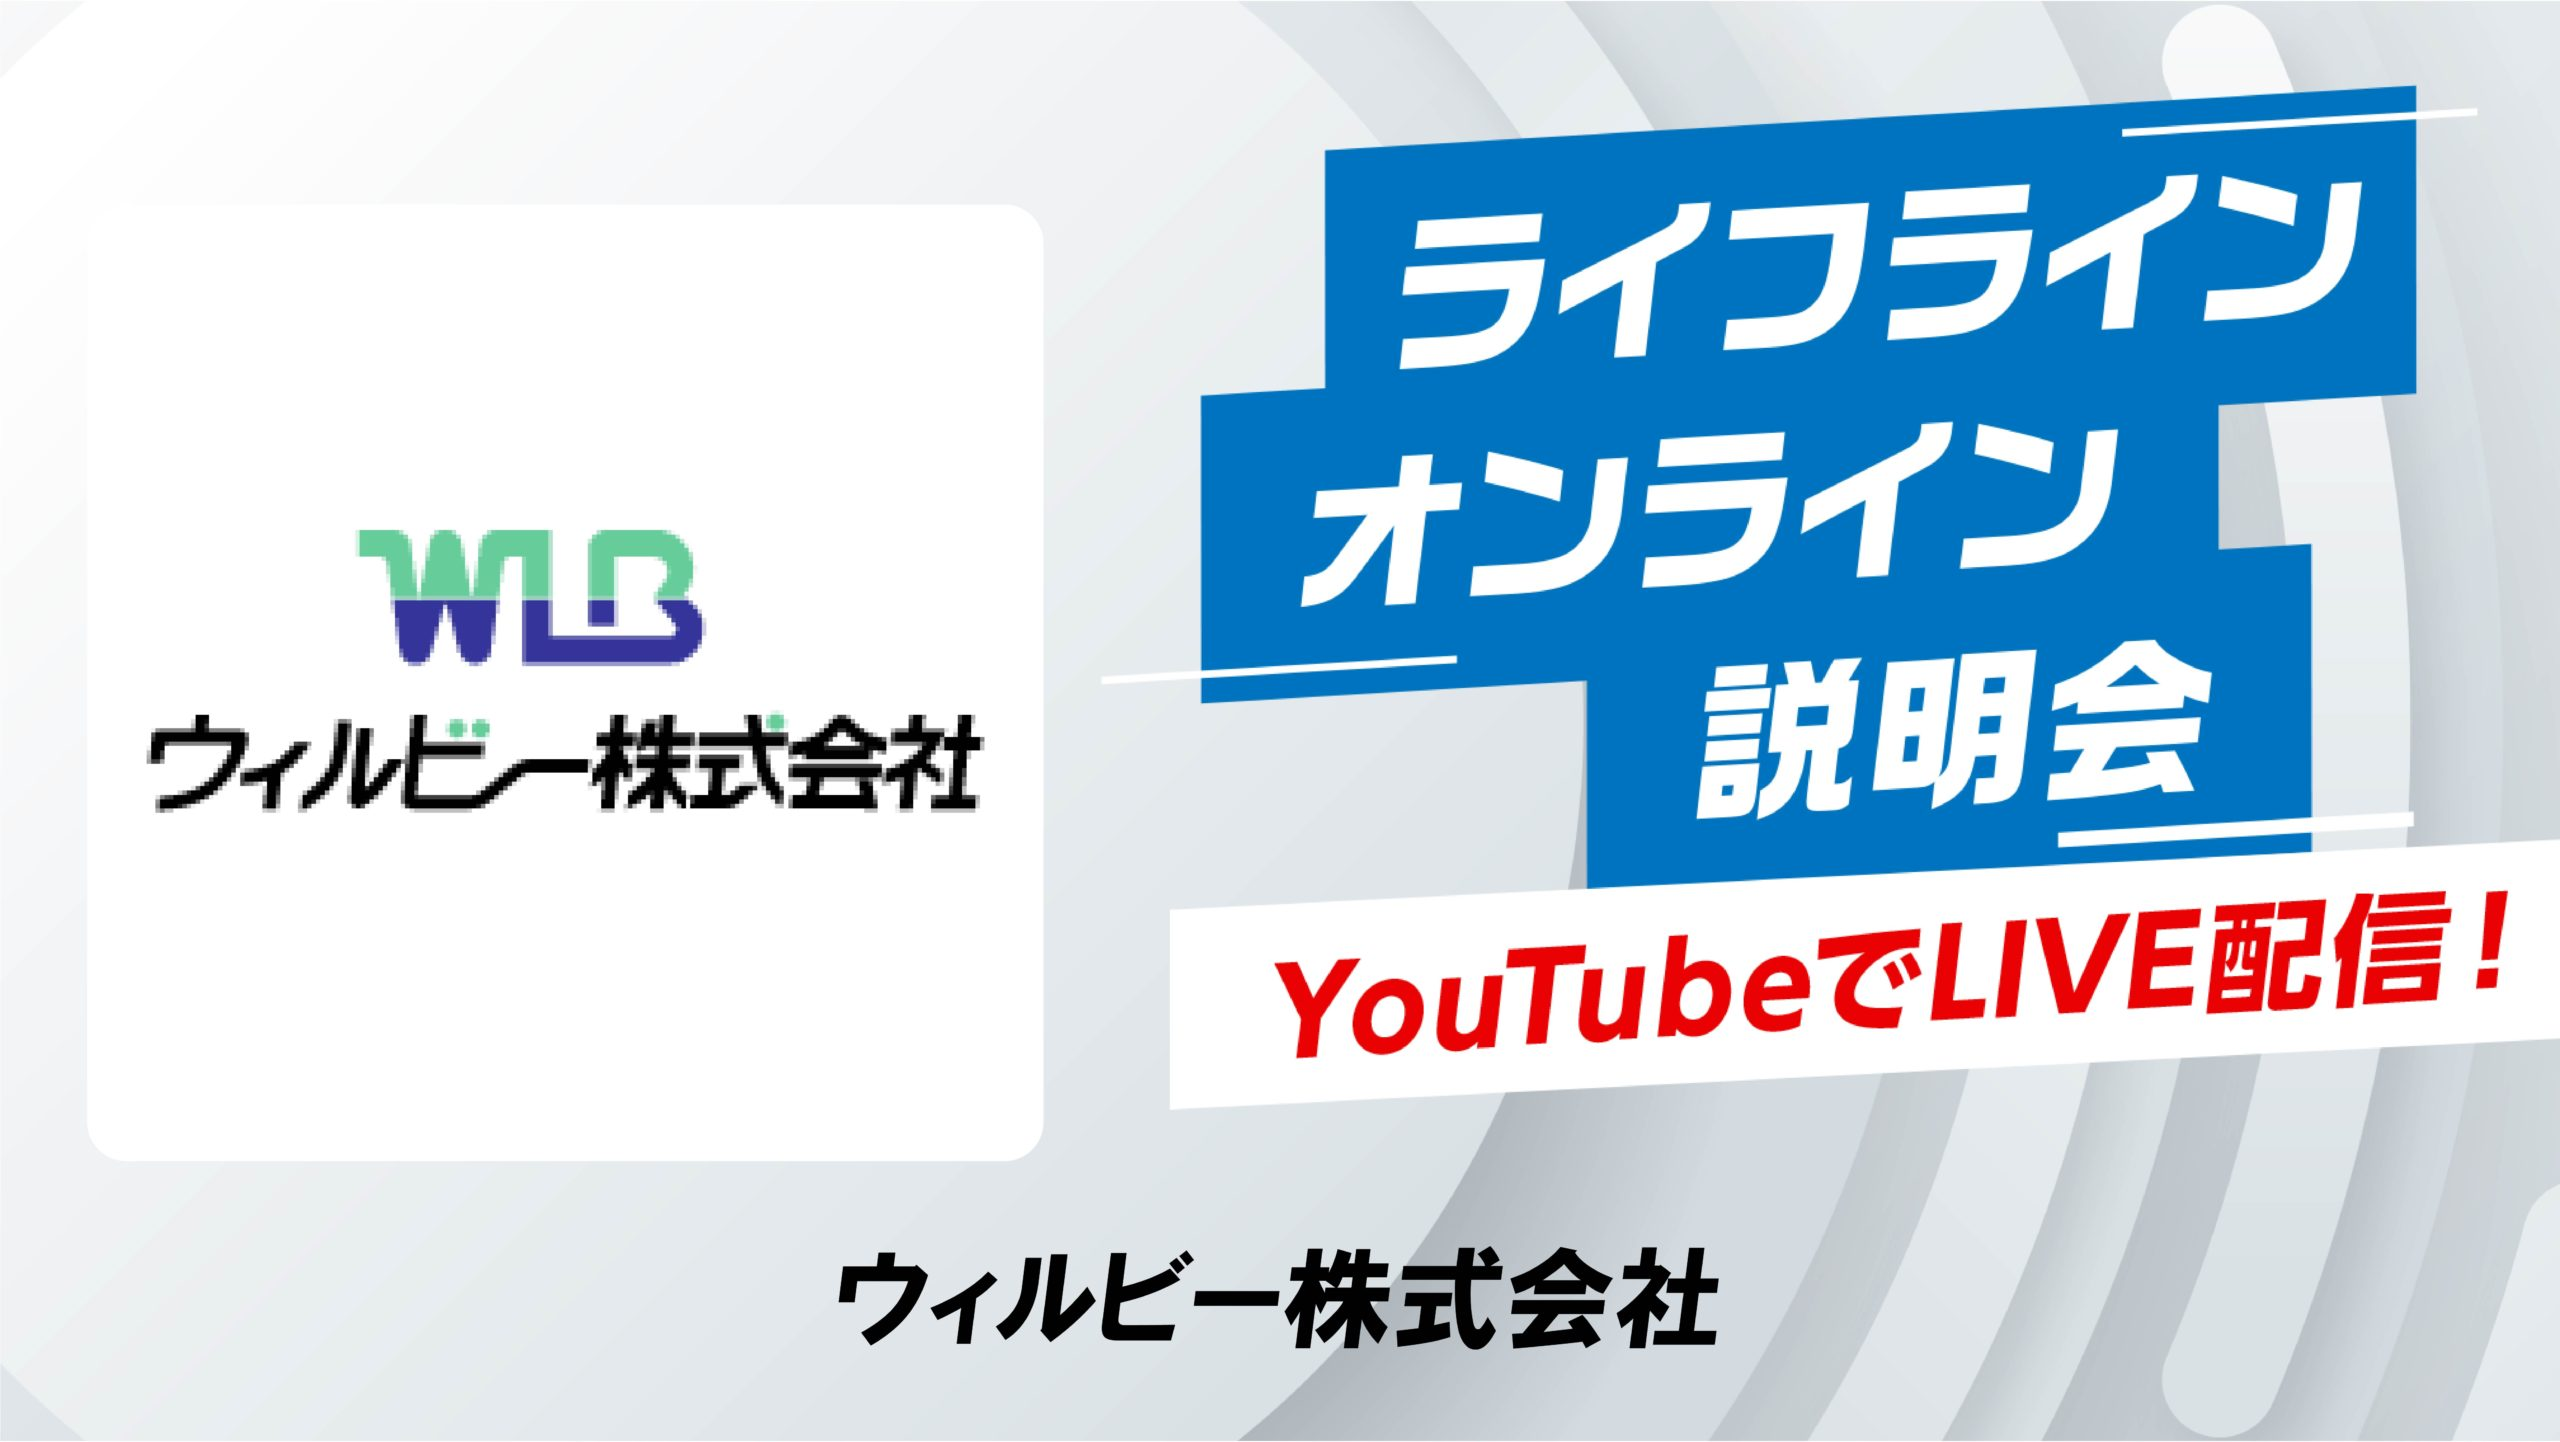 ライフライン オンライン相談会 YouTubeでLIVE配信! ウィルビー株式会社